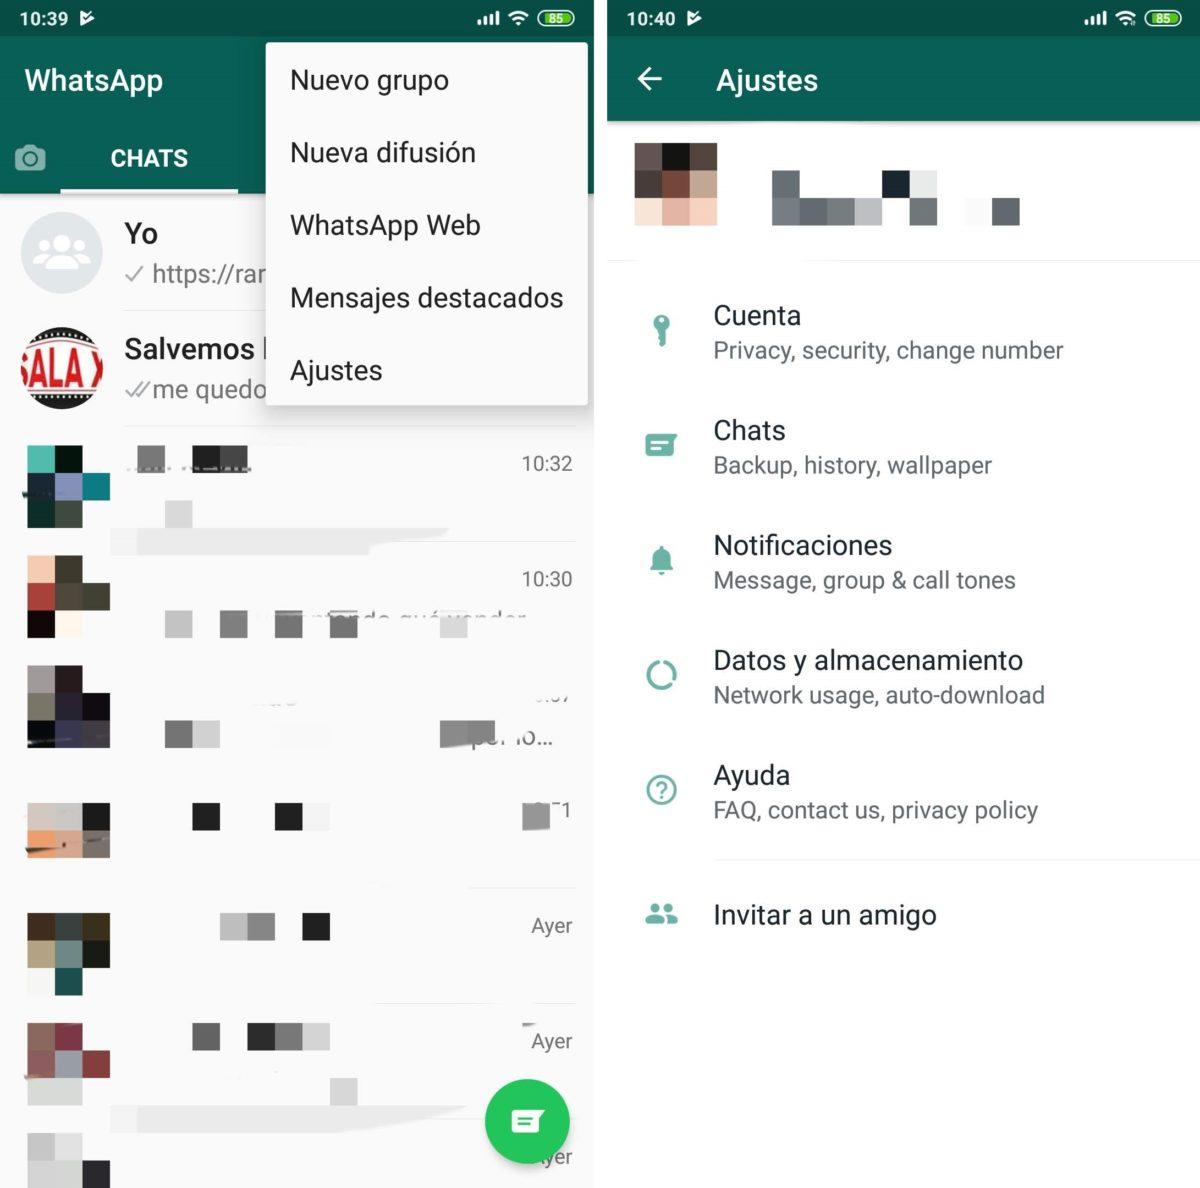 WhatsApp estrena nuevo diseño para su menú de ajustes en Android 1